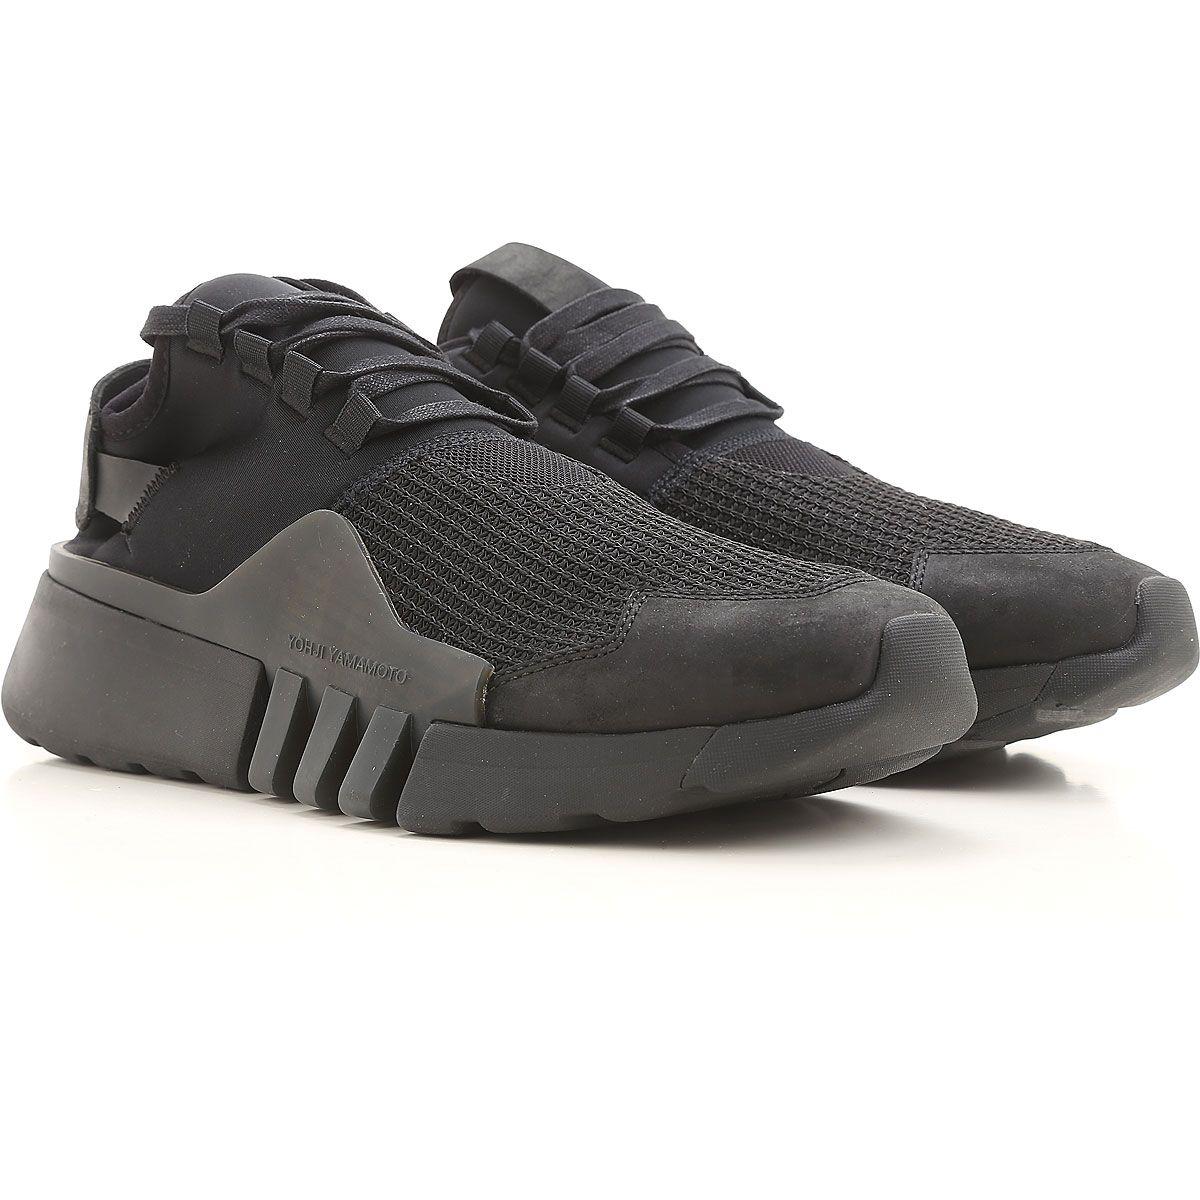 539ea07b254cd Mens Shoes Y3 by Yohji Yamamoto